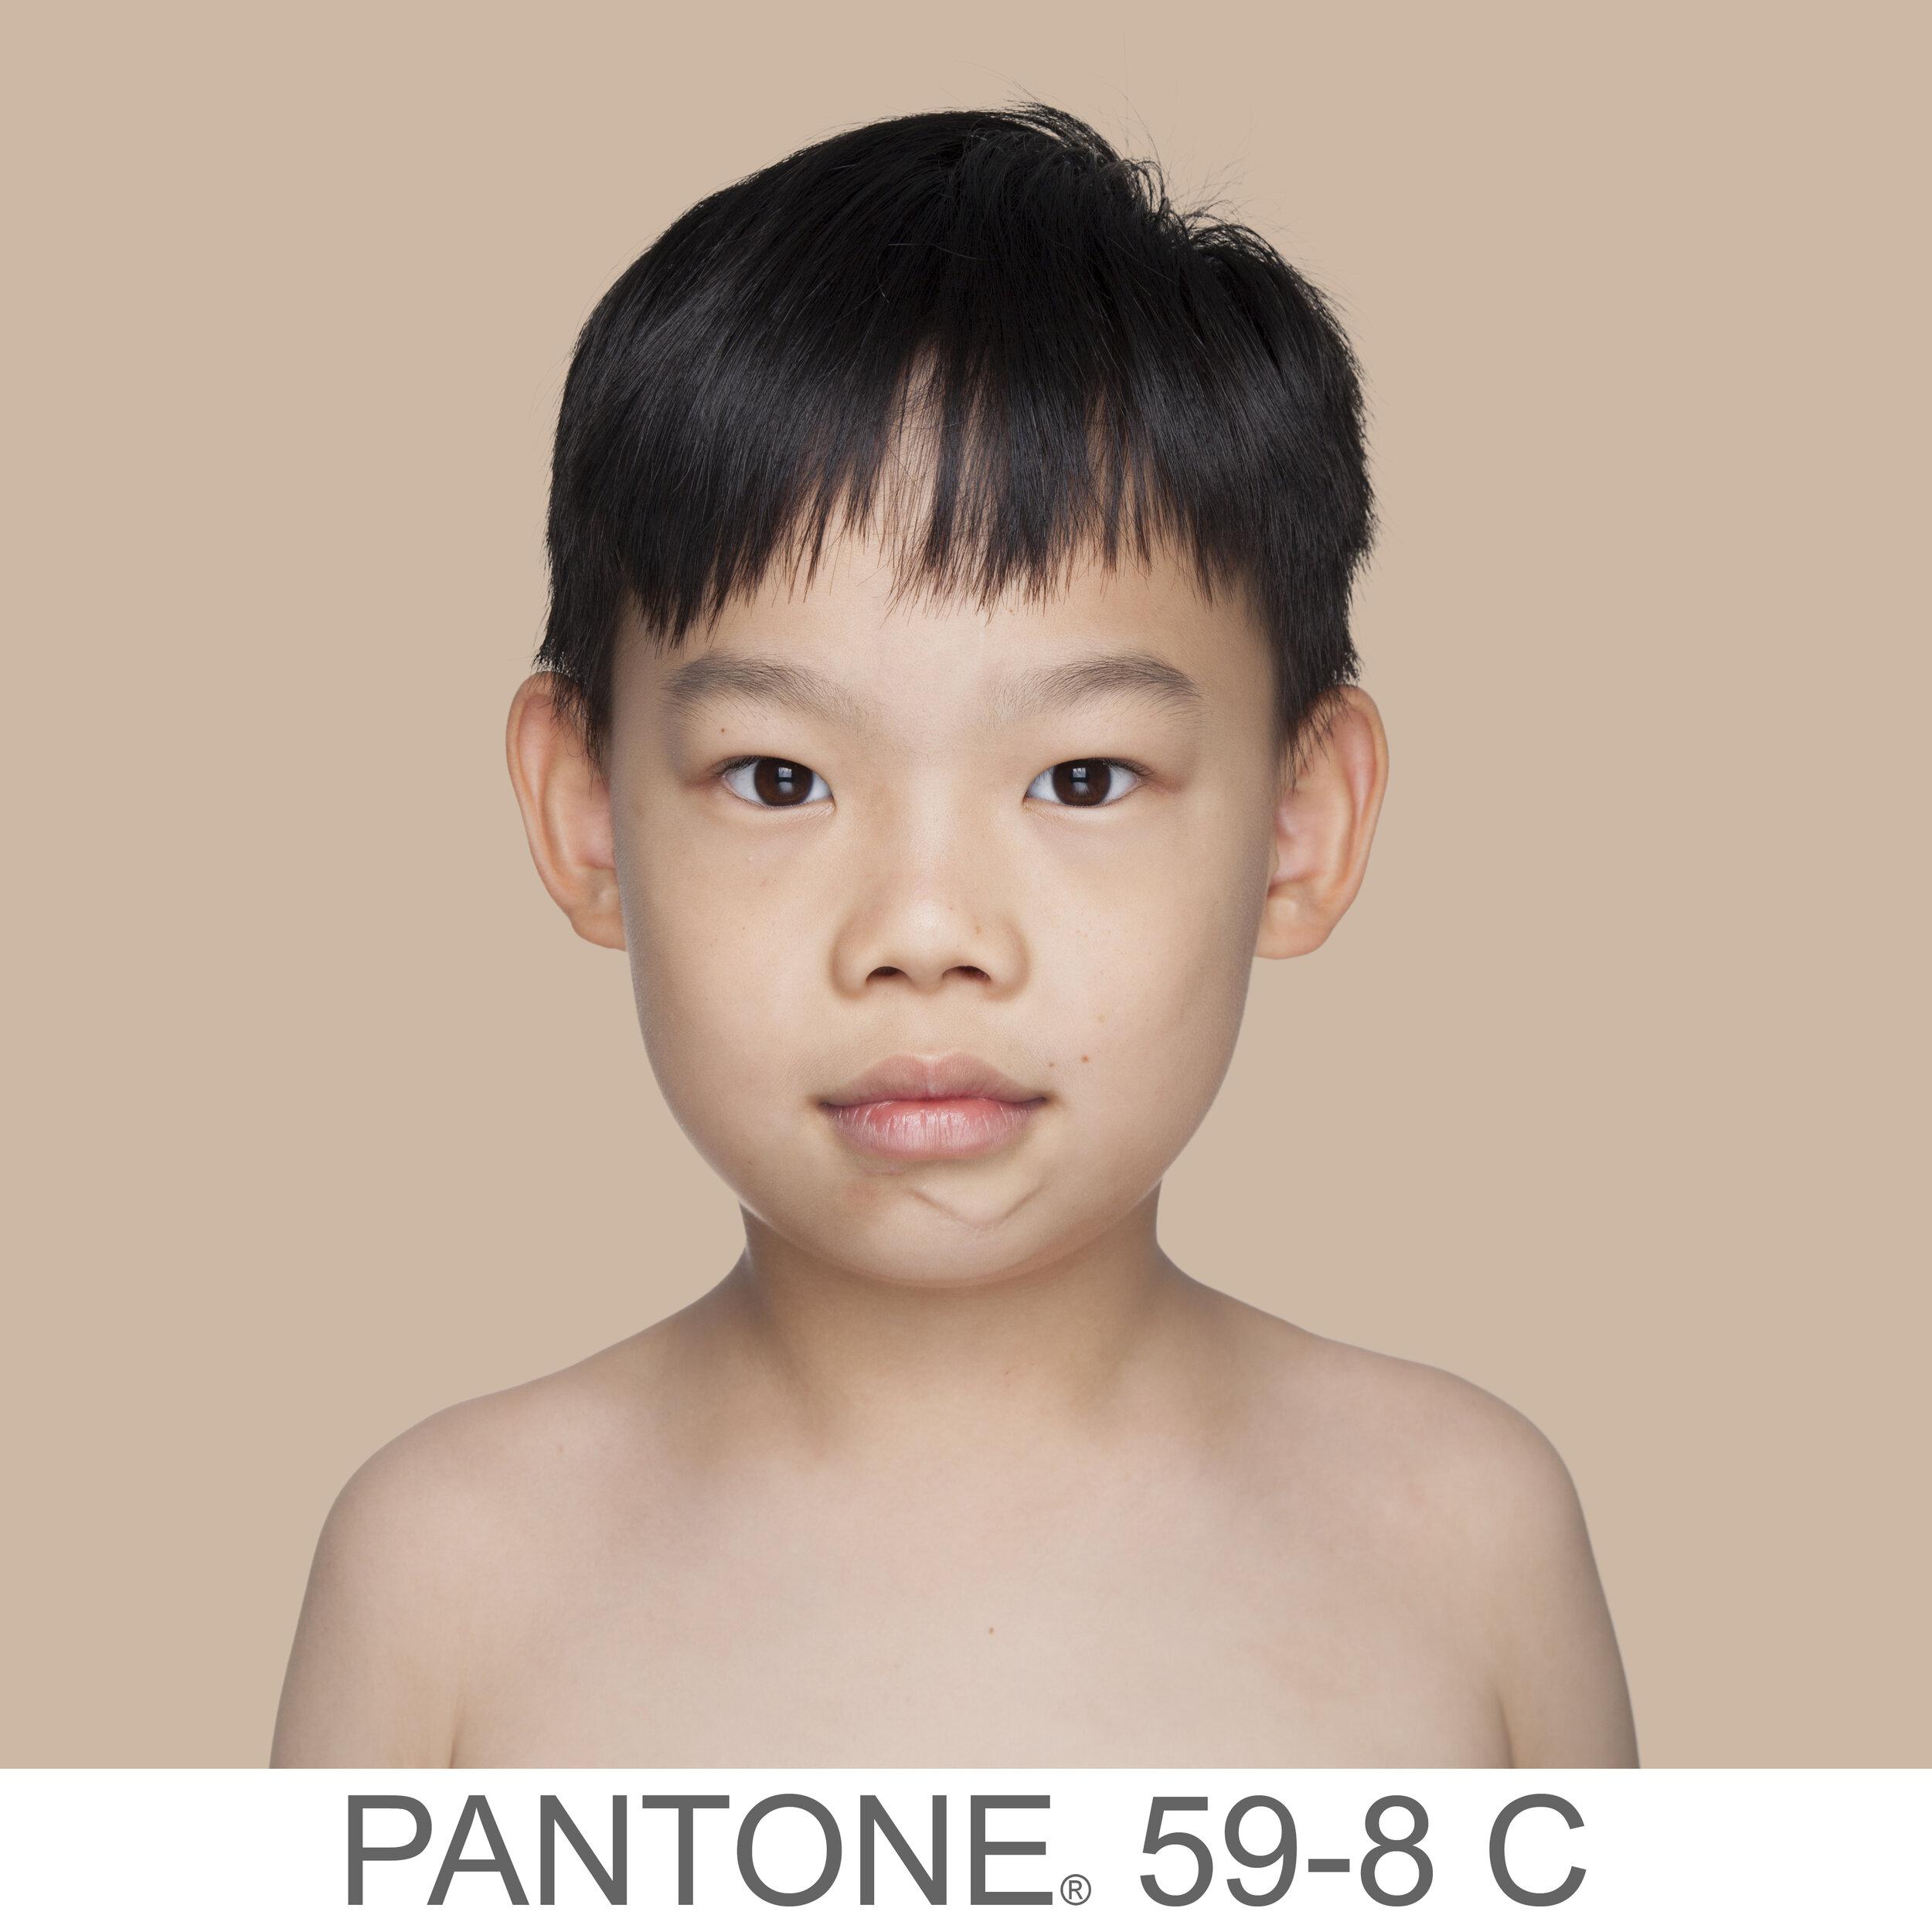 humanae 59-8 C CN copia.jpg